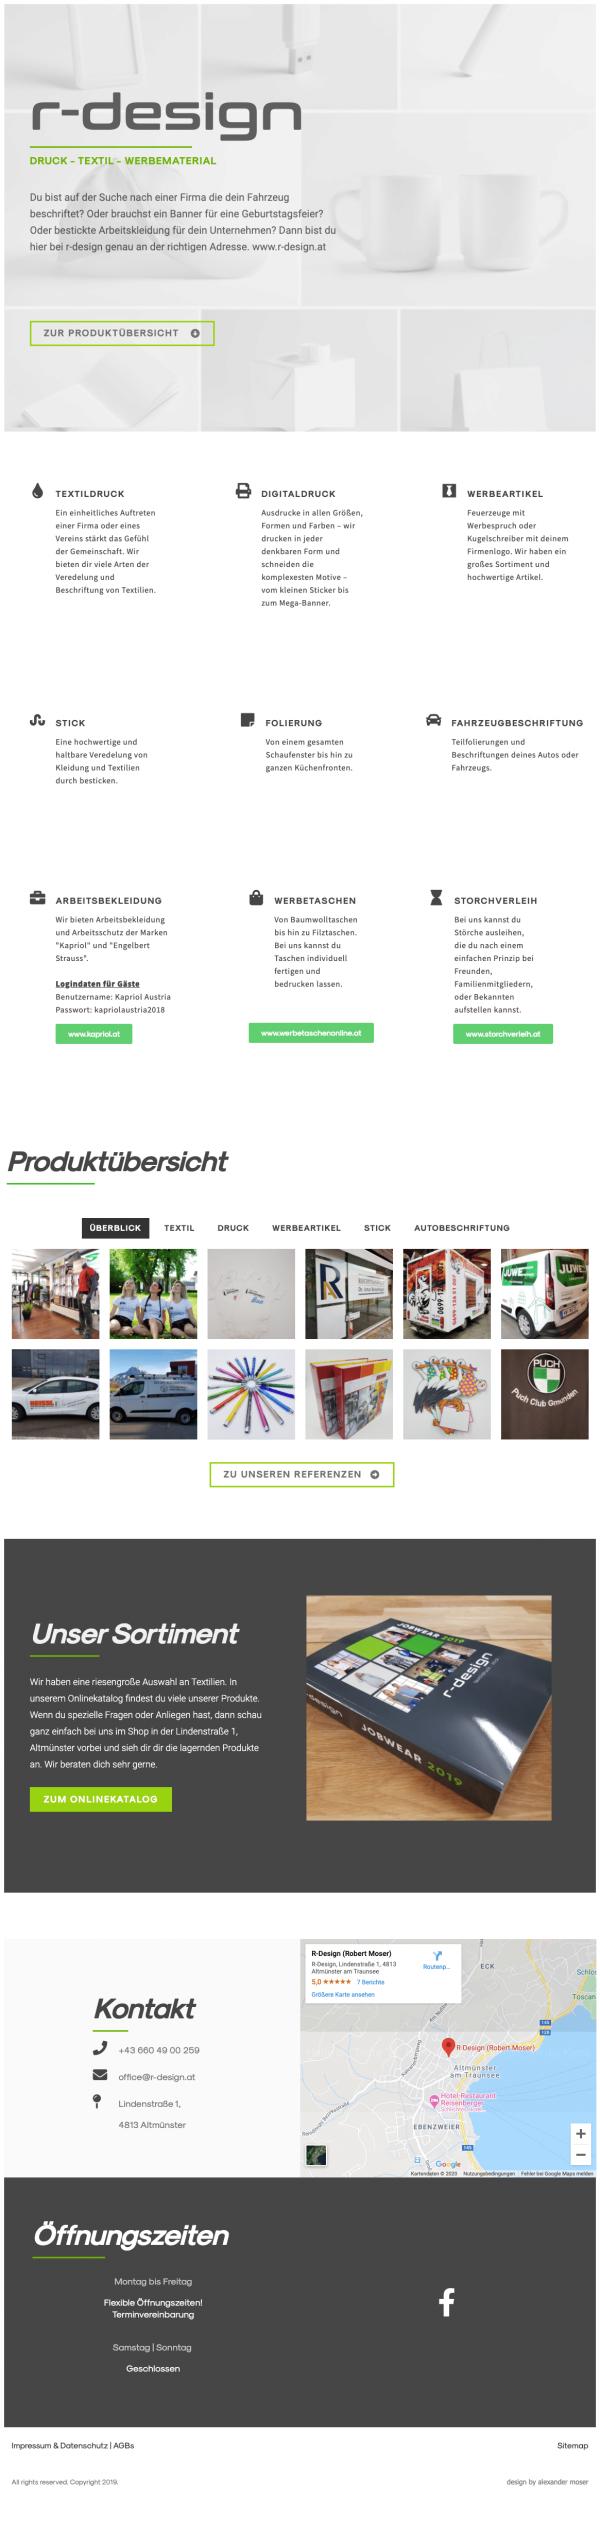 website r-design altmünster by alexander moser